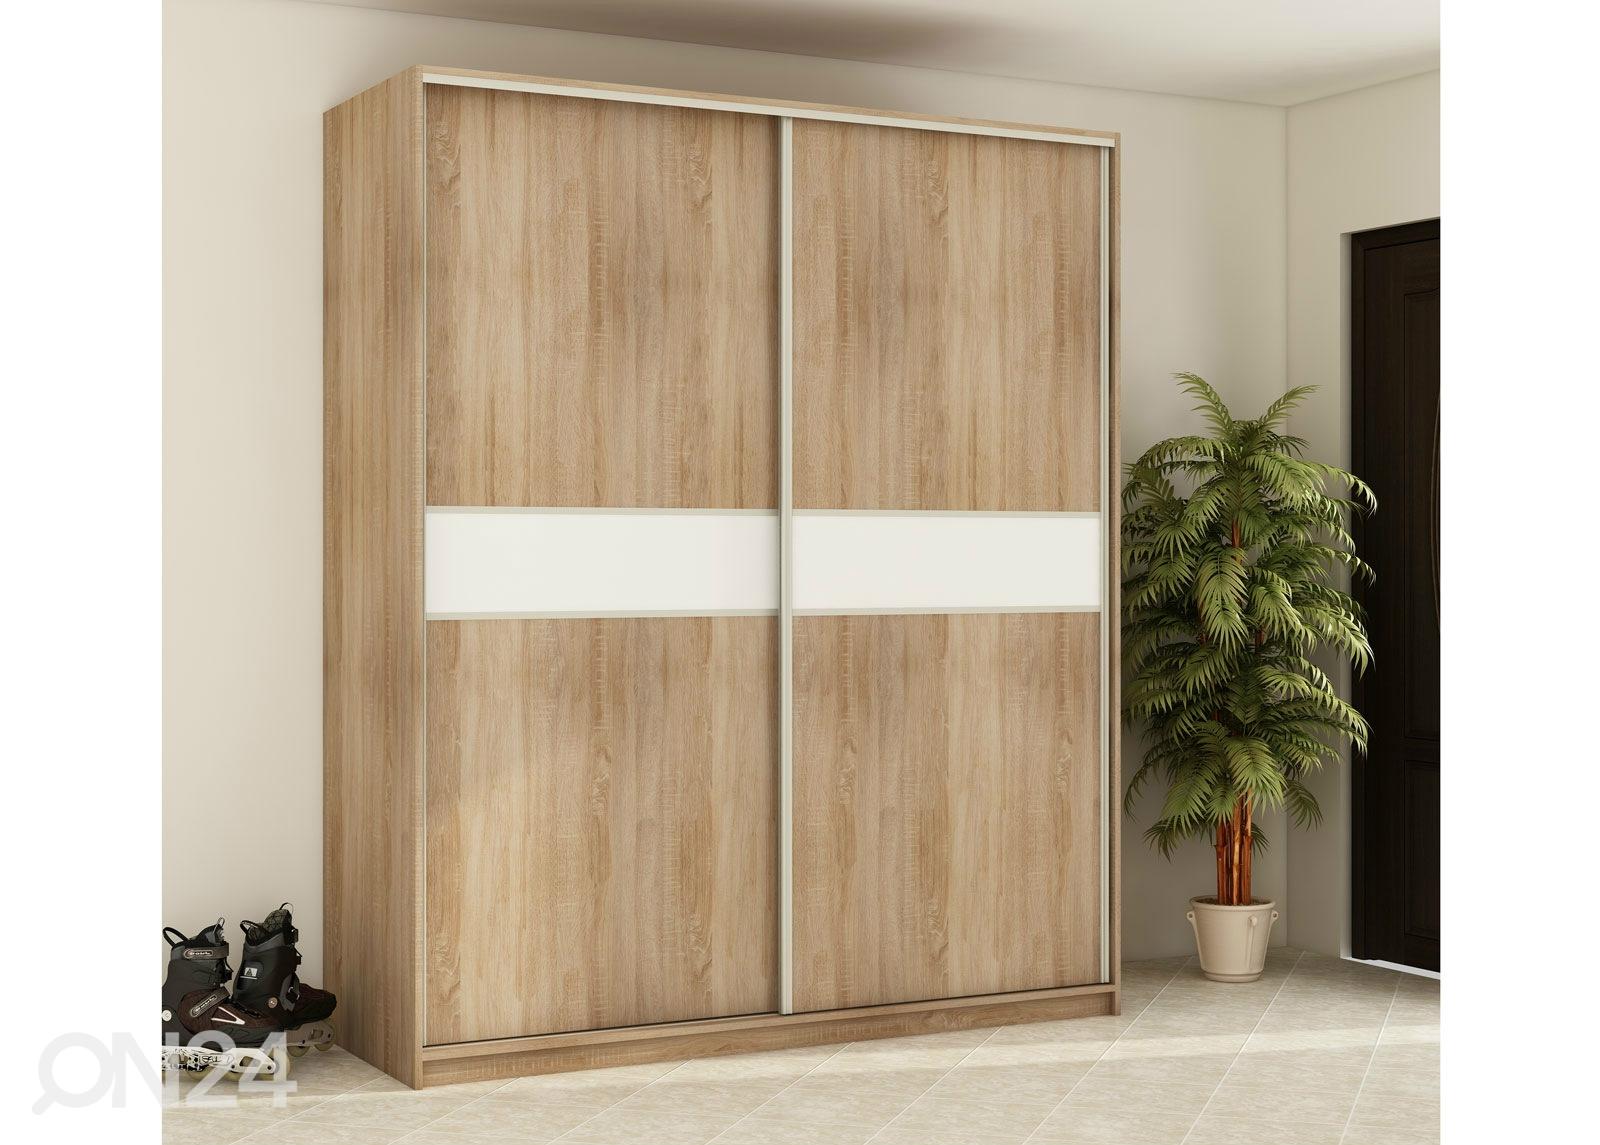 Шкаф-купе 180 cm tf-67842 - on24 мебельный магазин.